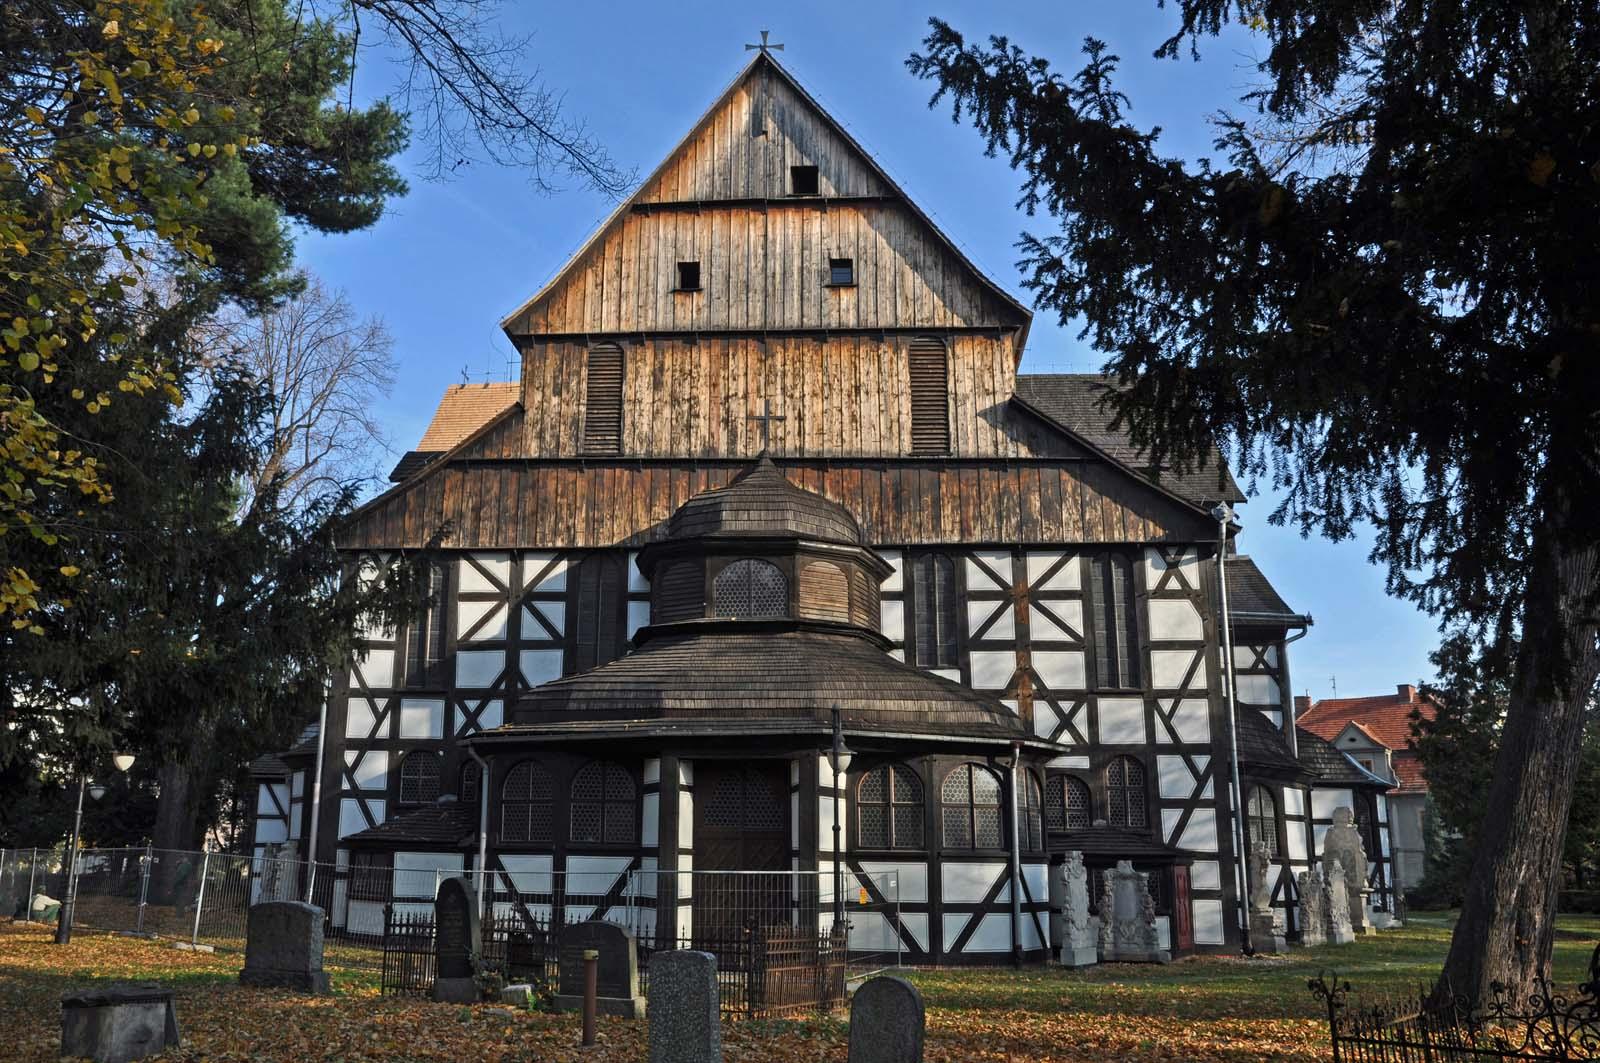 Kościół Pokoju św. Trójcy, przetrwał do naszych czasów, Kościół Pokoju św. Trójcy, Świdnica